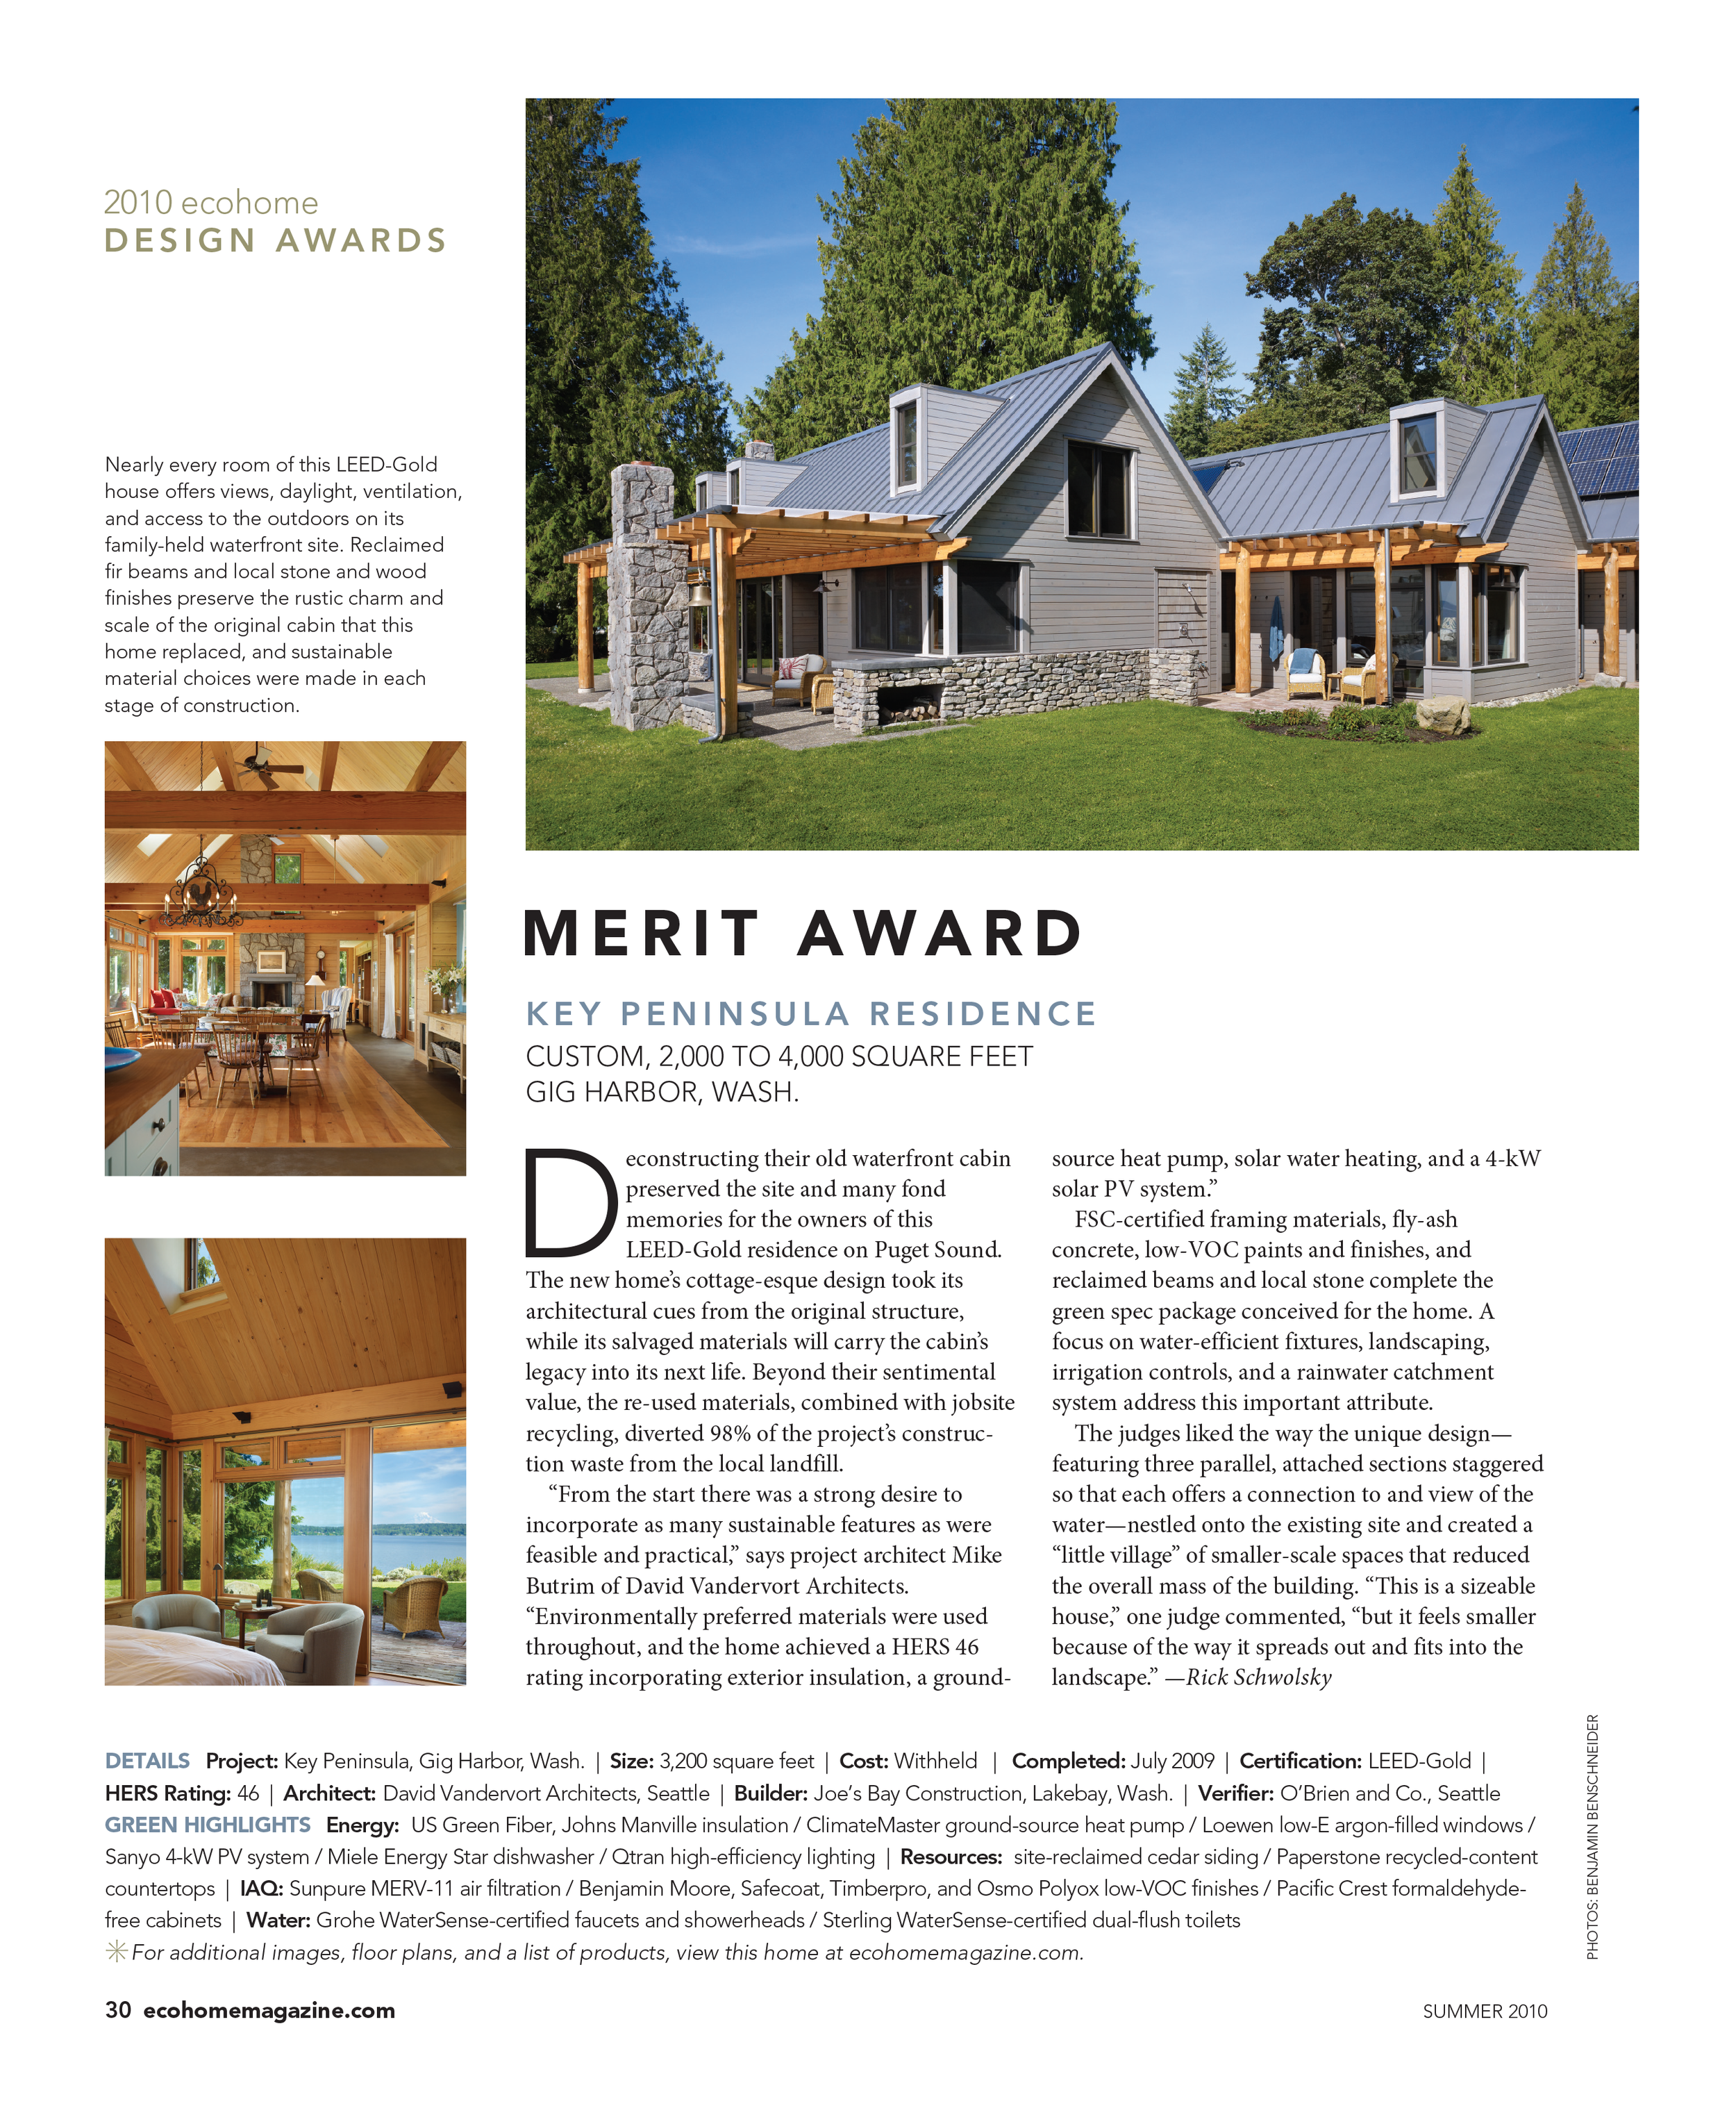 key-peninsula-merit-award.png